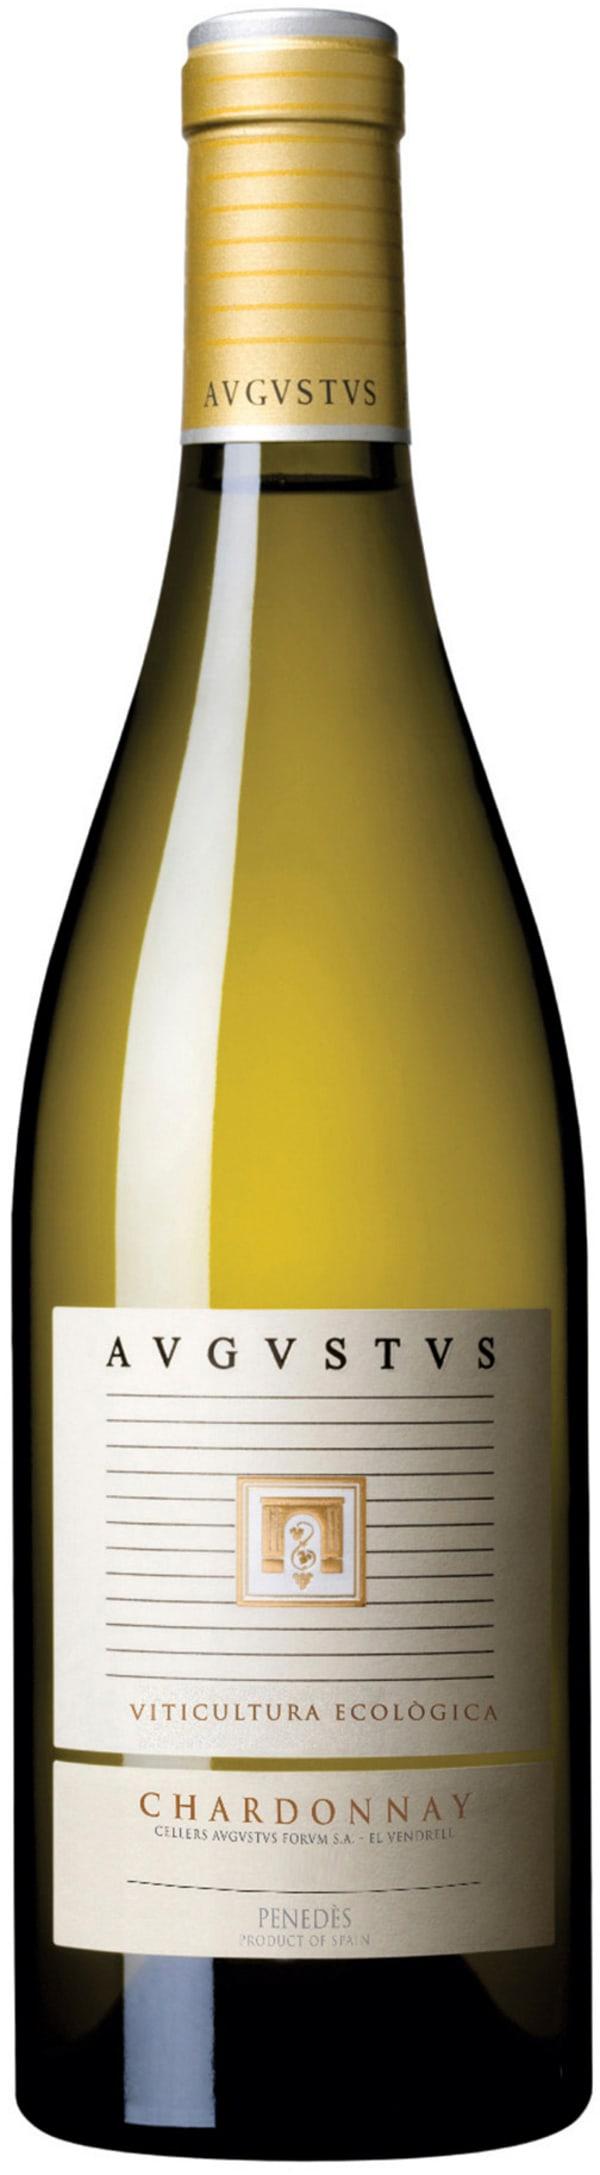 Avgvstvs Chardonnay 2016